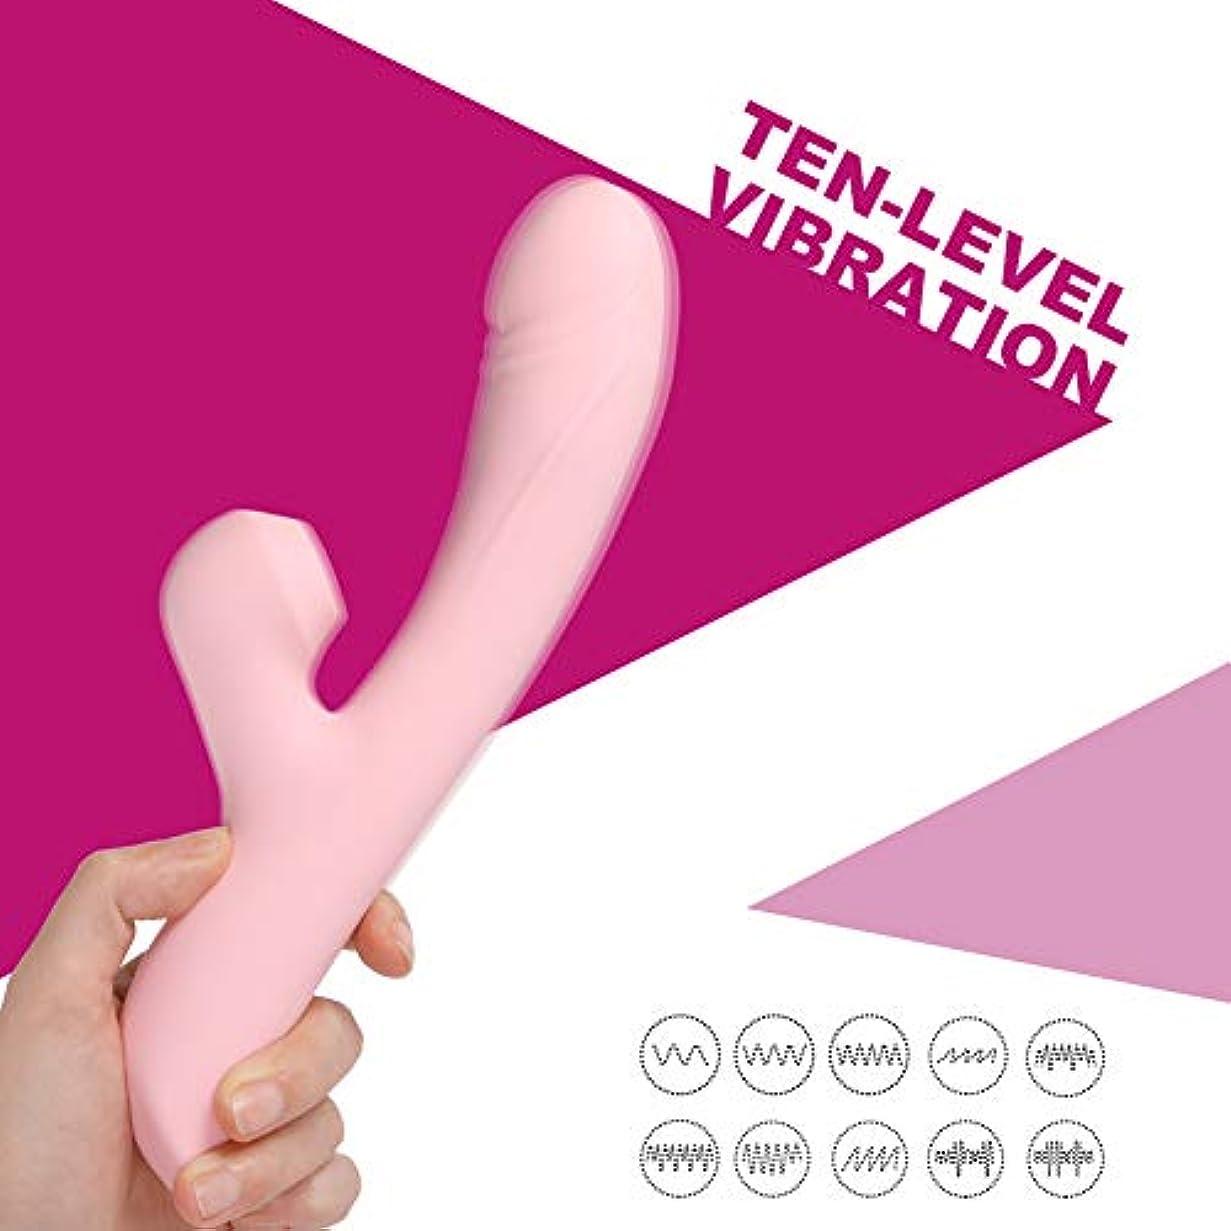 心理的にミット無許可ボディ 人気 バイブレーター 加熱機能 潮吹き 女性 Gスポット 女性マッサージ器 アダルトグッズ (ピンク色)